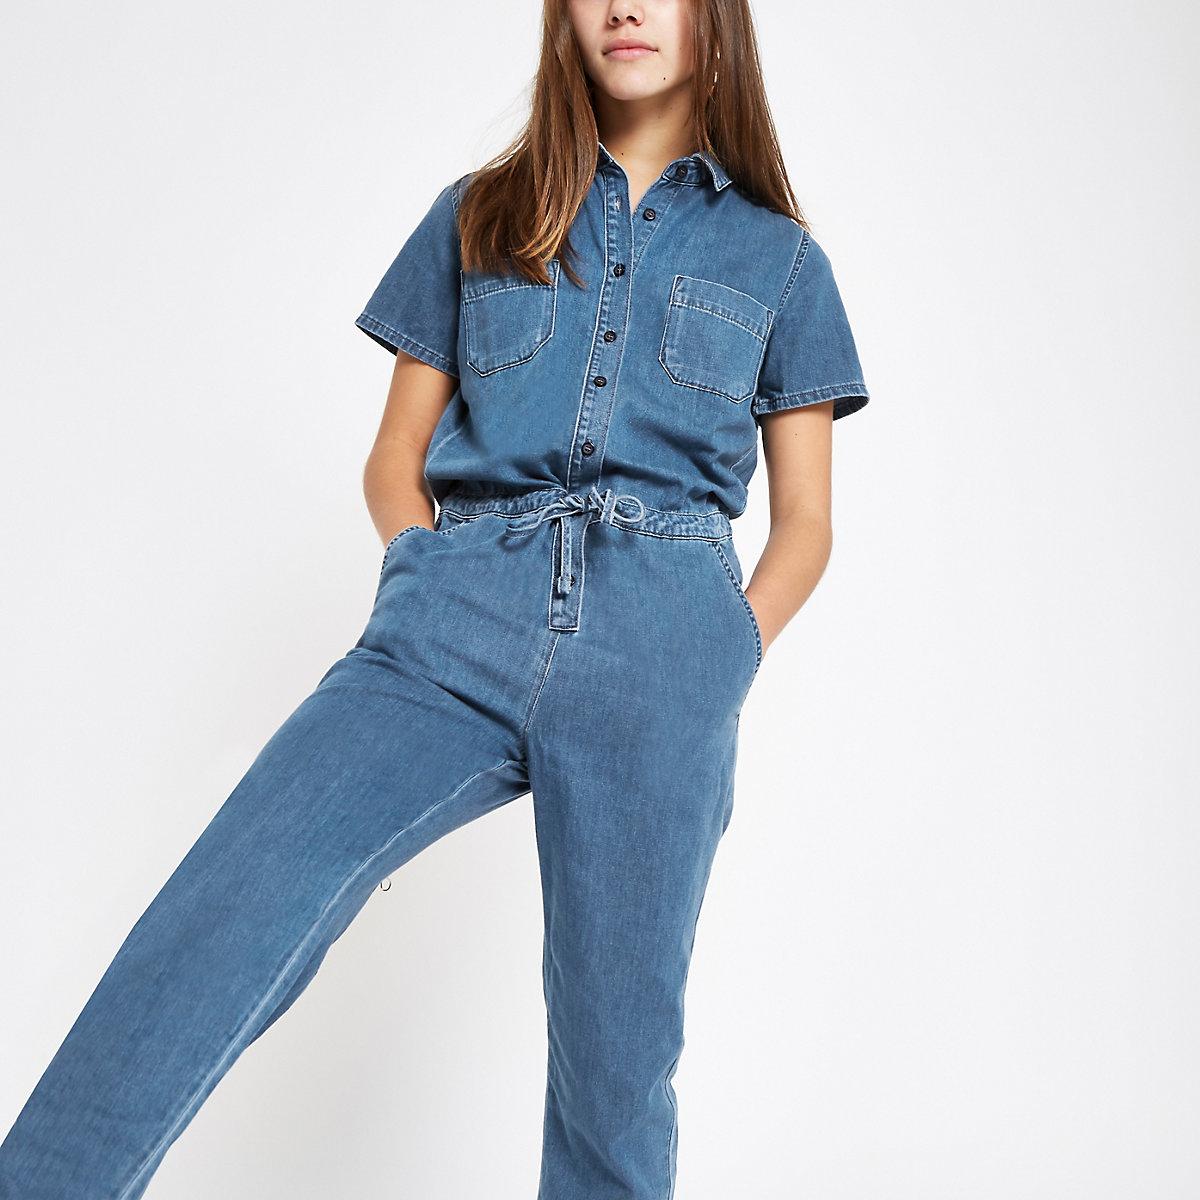 33aee3a13929 Petite blue utility denim jumpsuit - Jumpsuits - Playsuits   Jumpsuits -  women